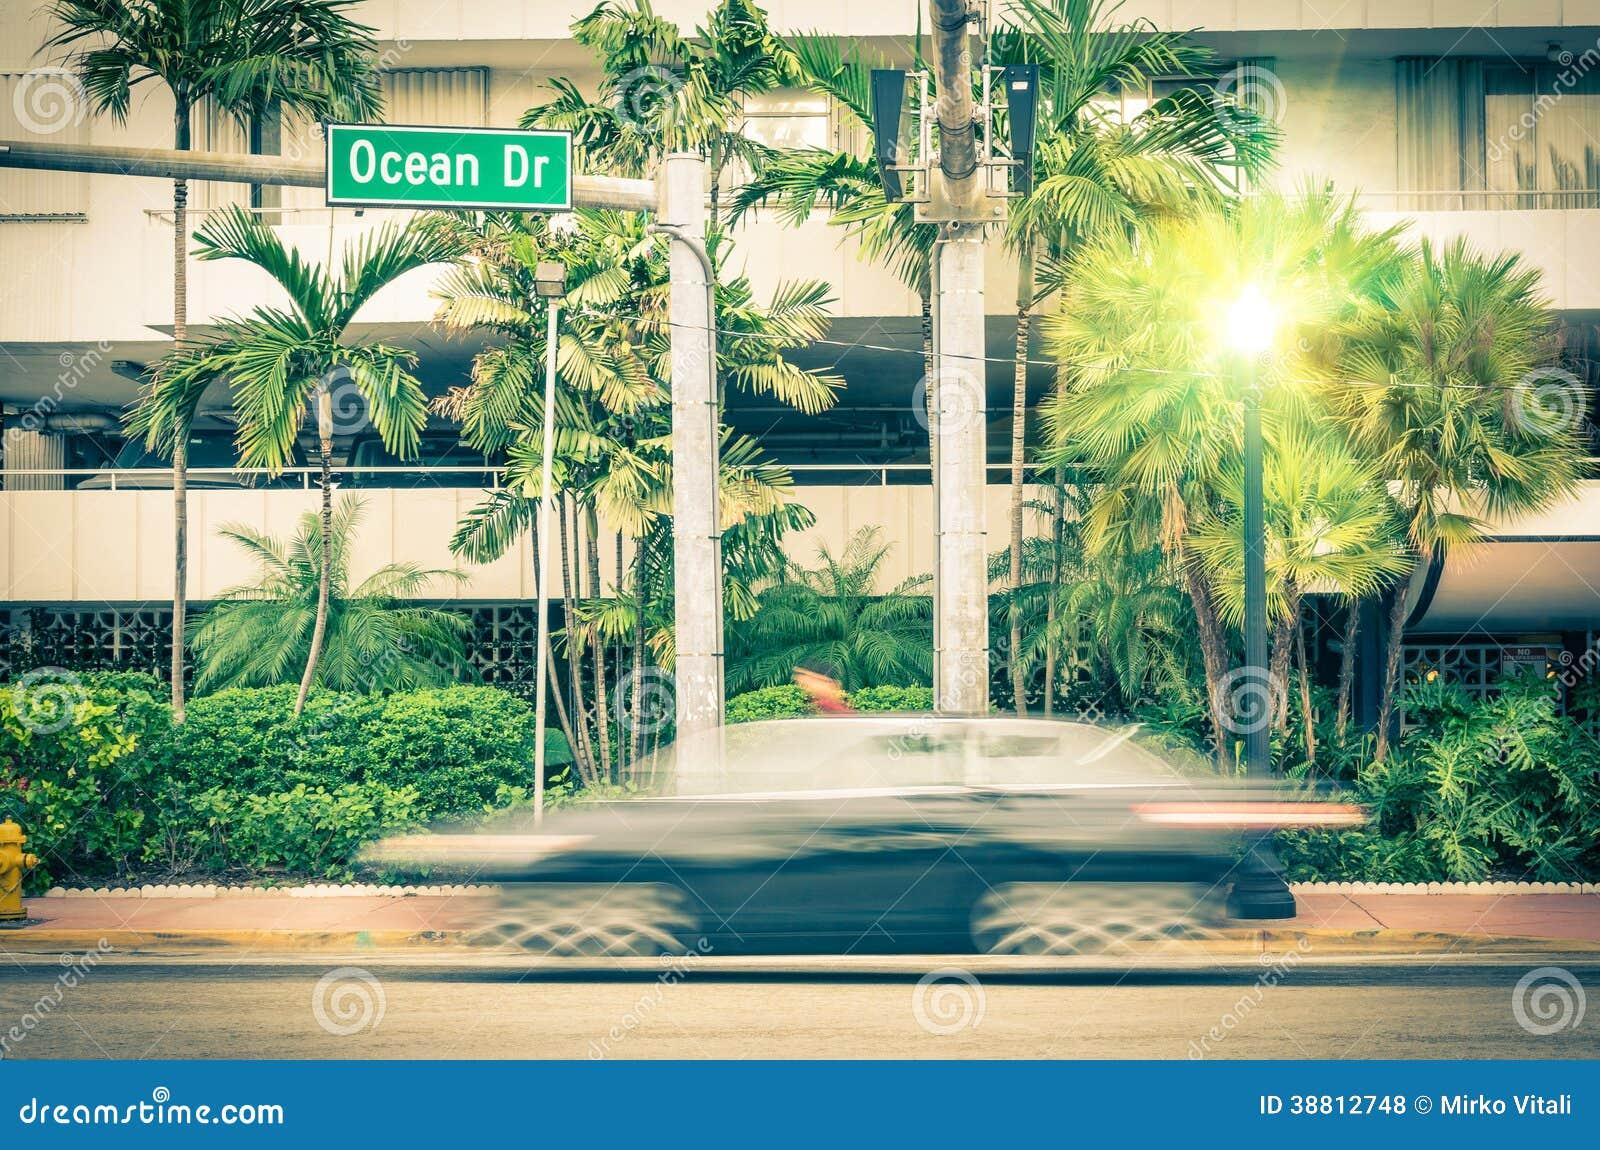 Σύγχρονη επιτάχυνση αυτοκινήτων κατά μήκος του ωκεάνιου Drive στο Μαϊάμι